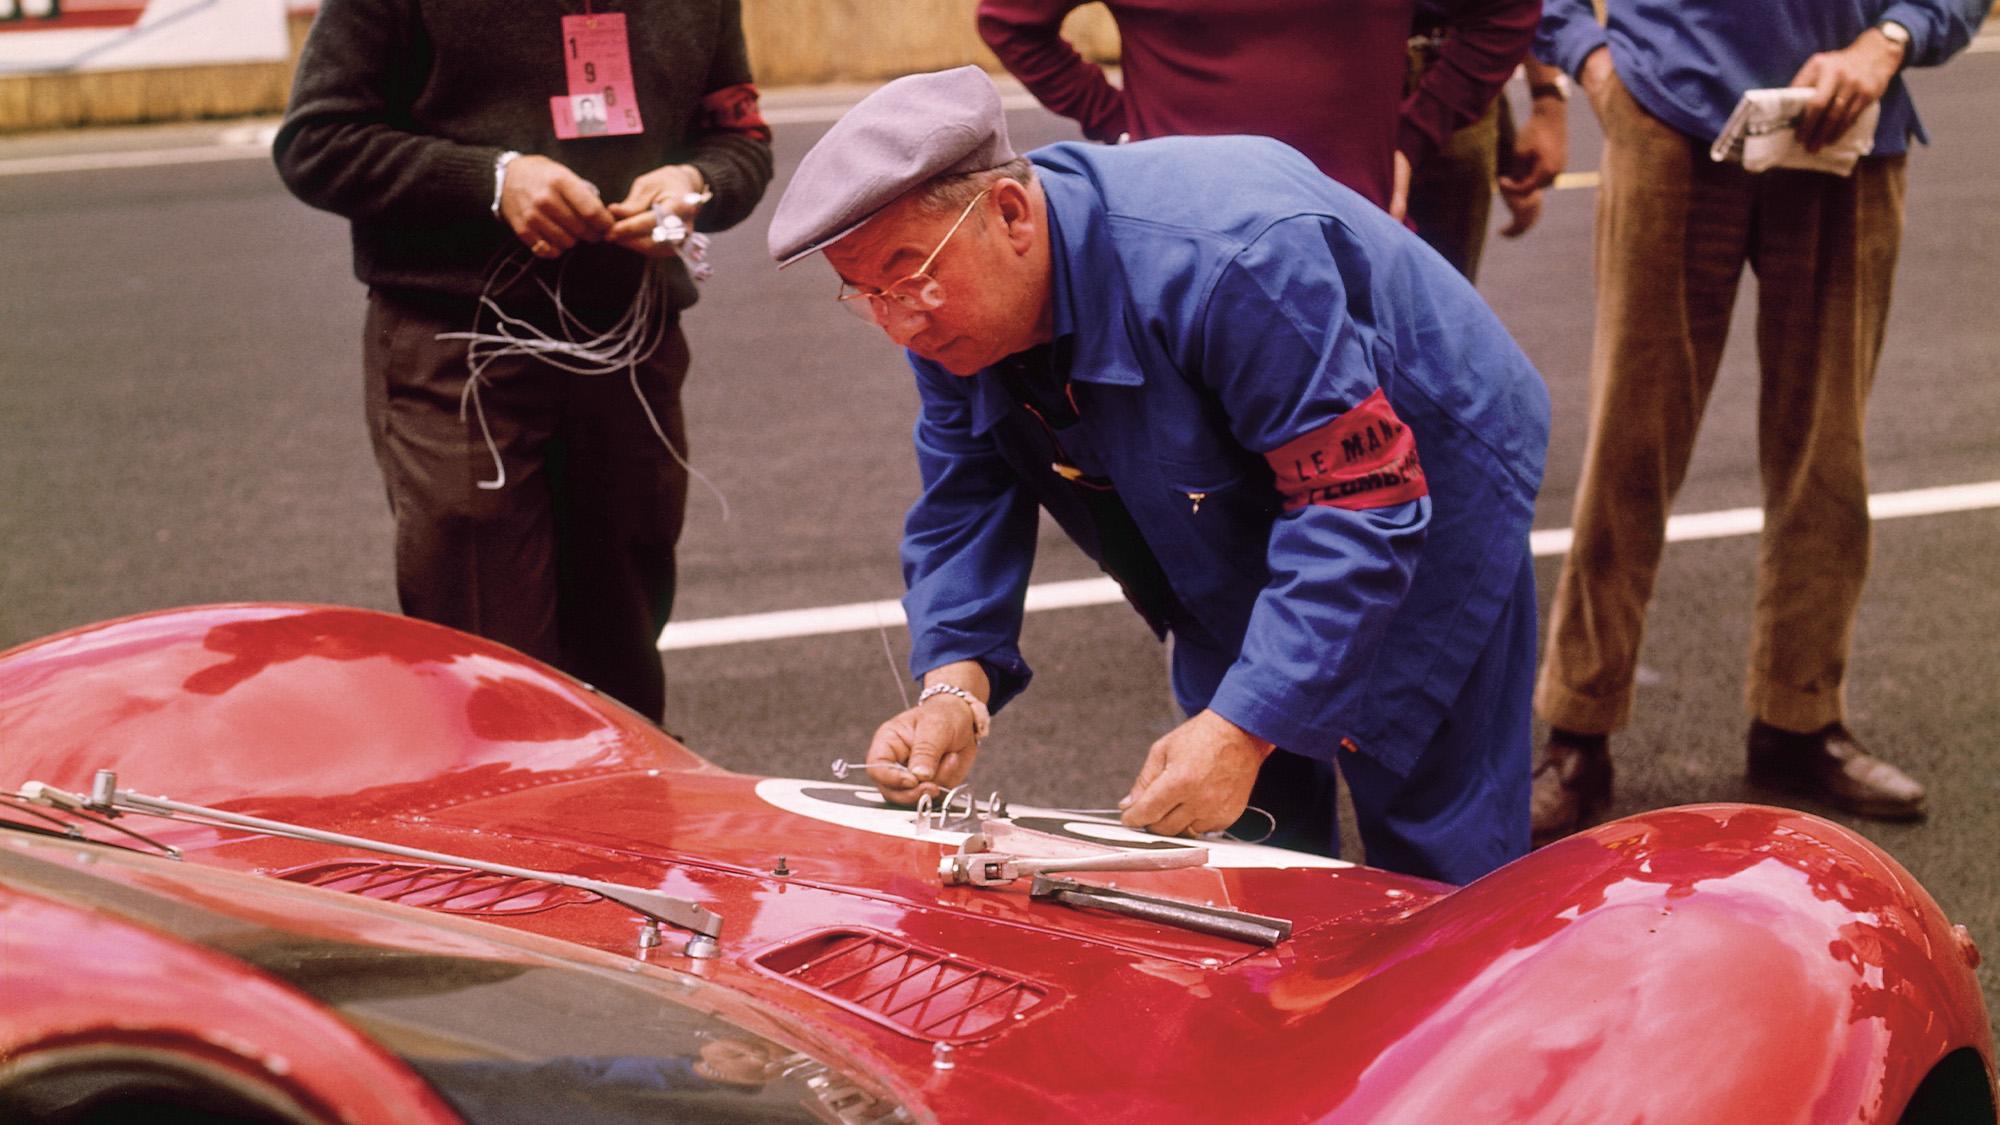 A scrutineer examining a Ferrari at Le Mans